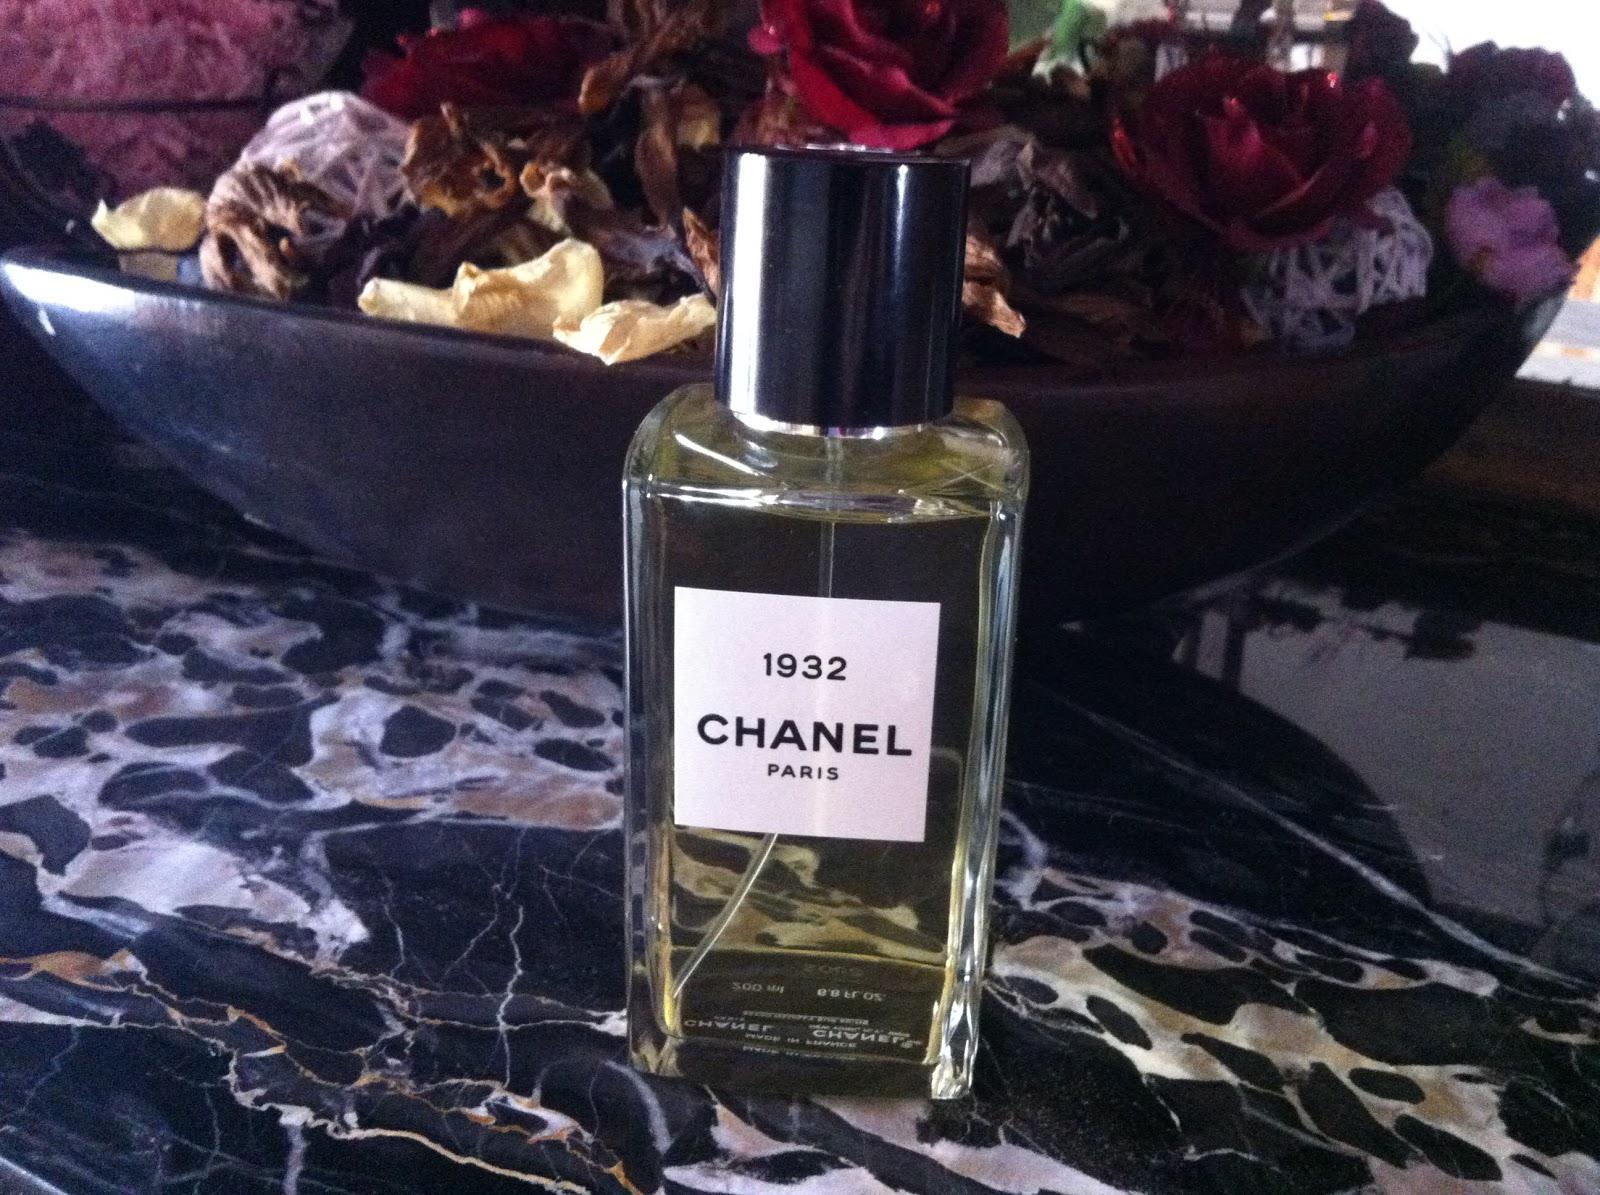 Chanel 1932 profumo les exclusifs la fragranza gioiello for Chanel milano boutique